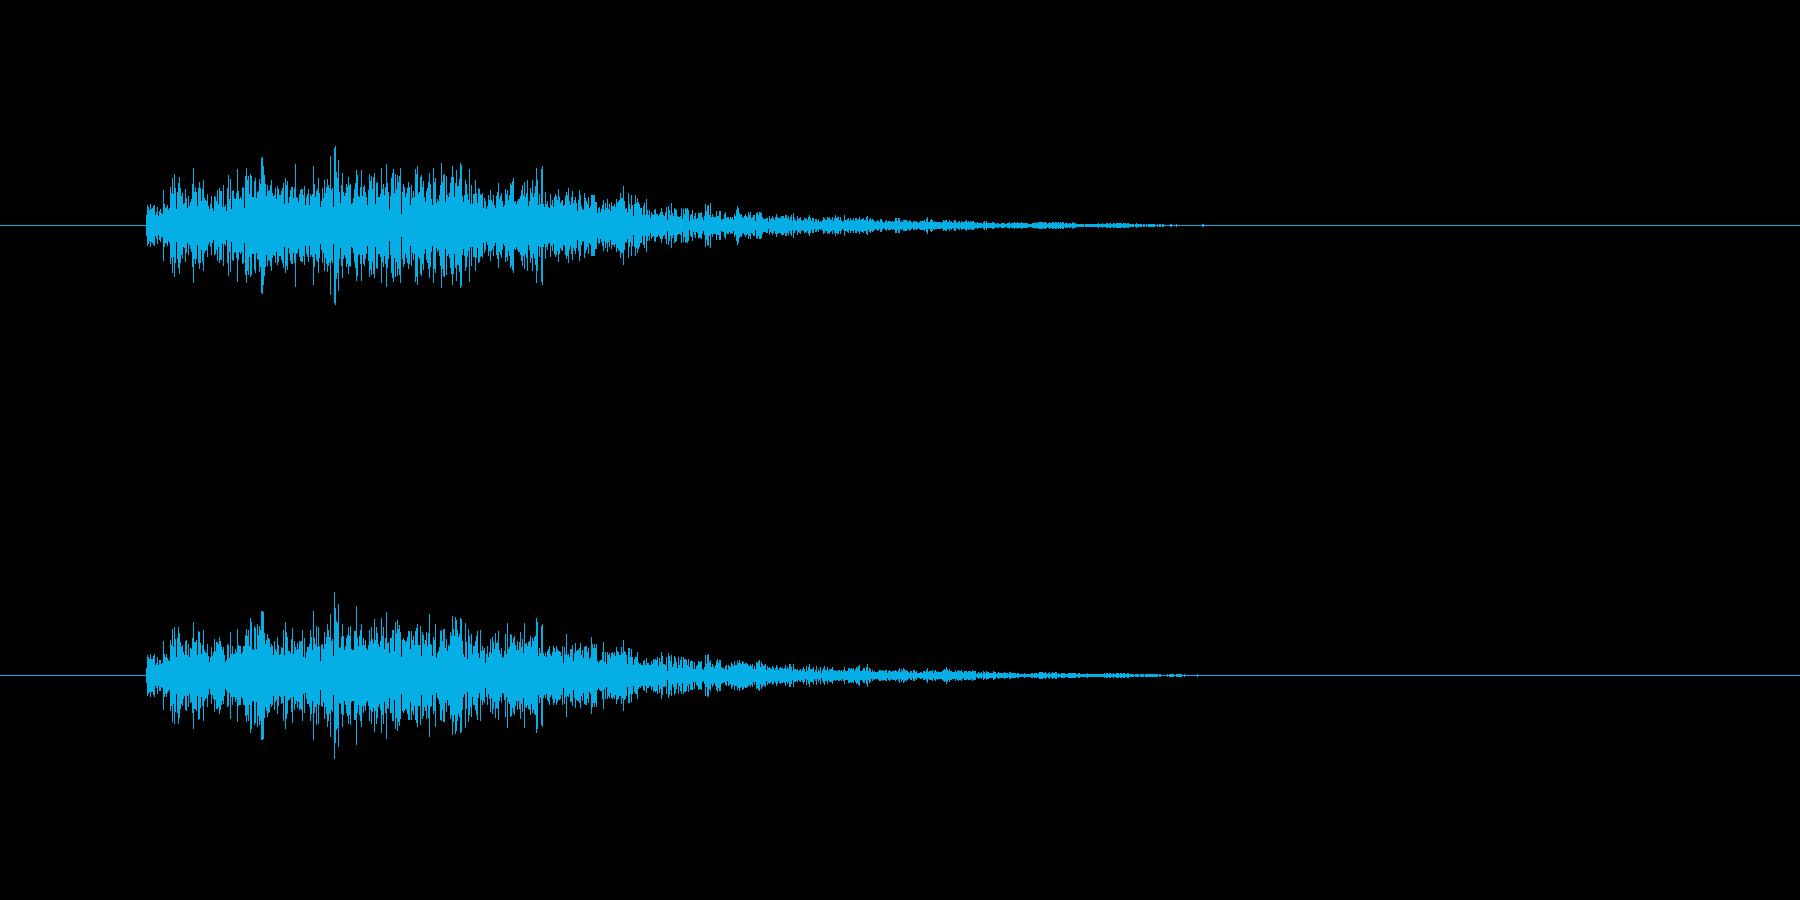 【モンスター01-2】の再生済みの波形